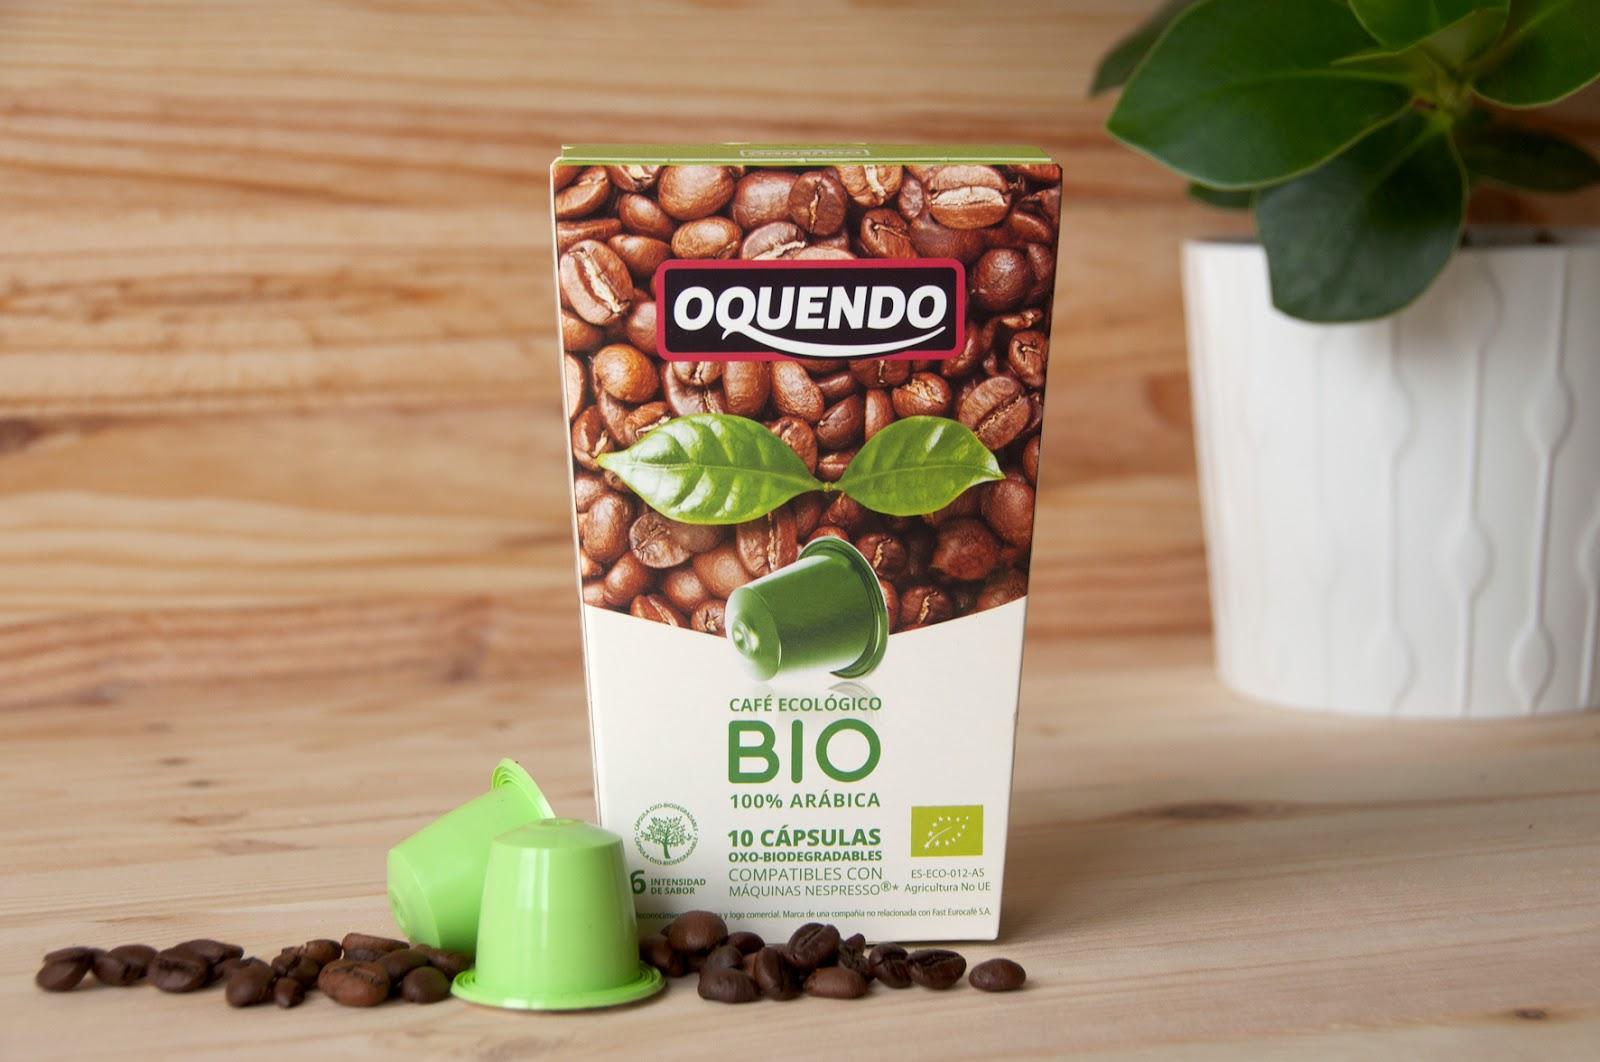 Café bioi - Cafés Oquendo